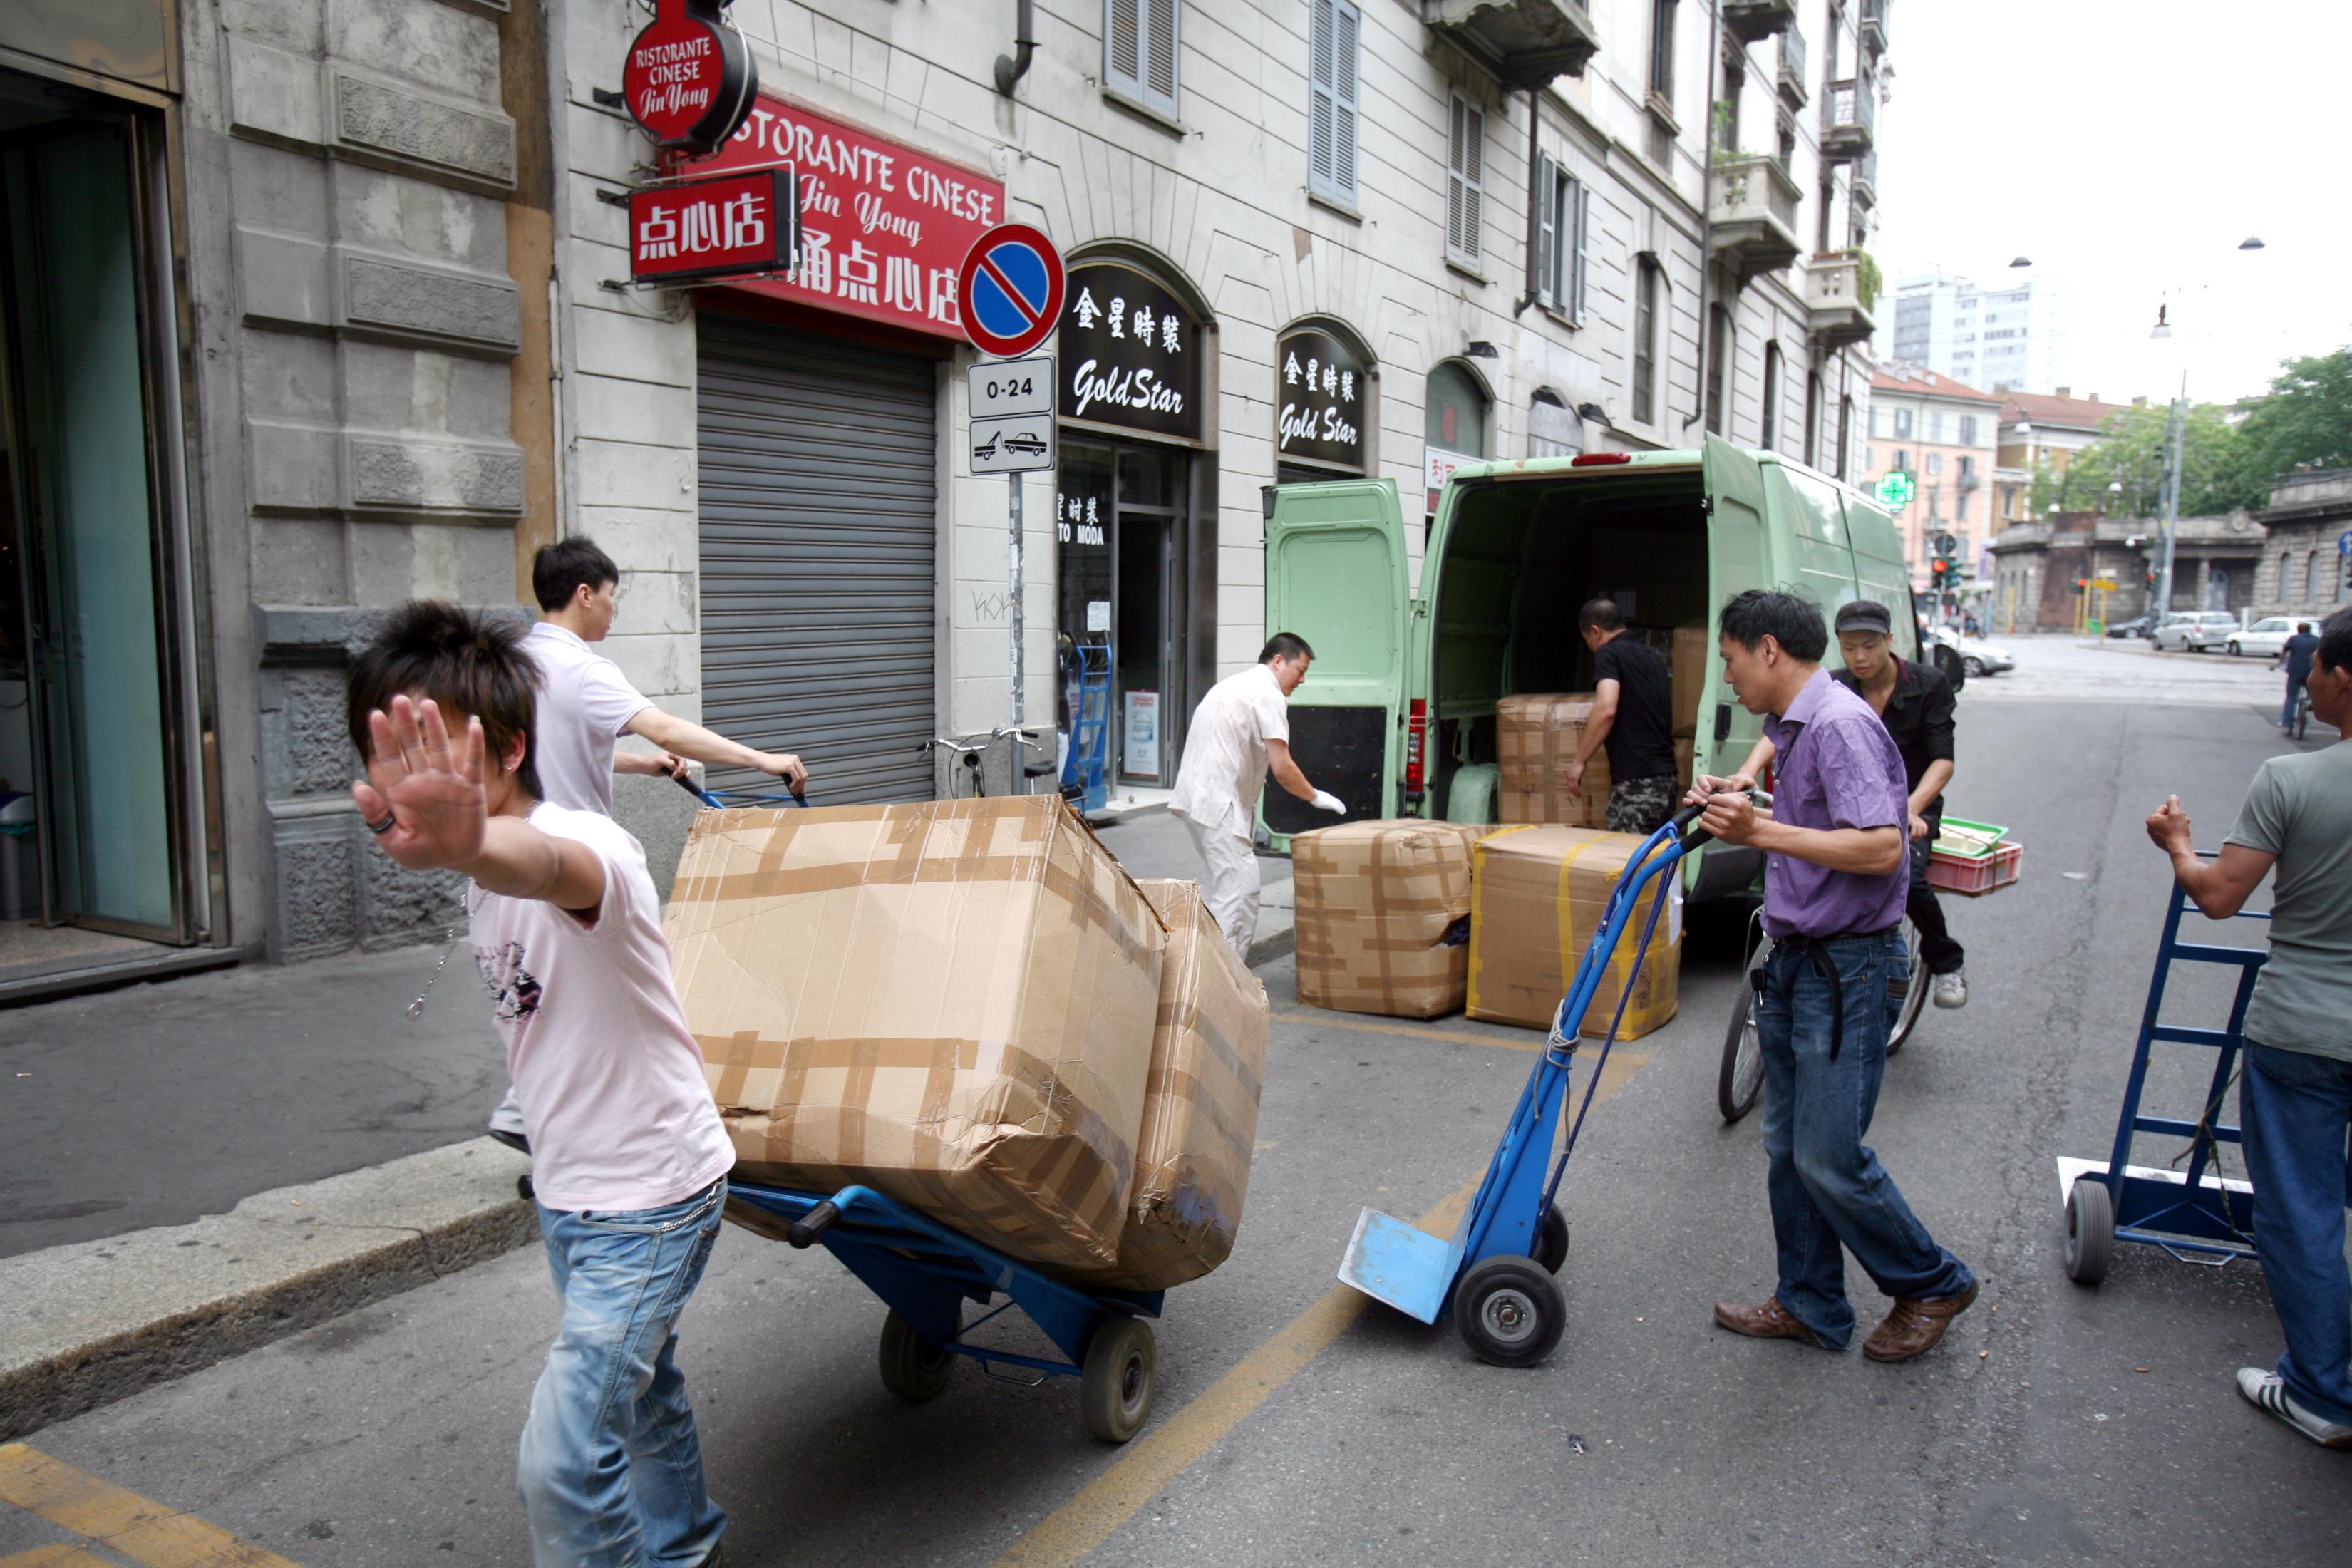 A Milano 28 mila cinesi ma quest'anno ne sono morti solo 14